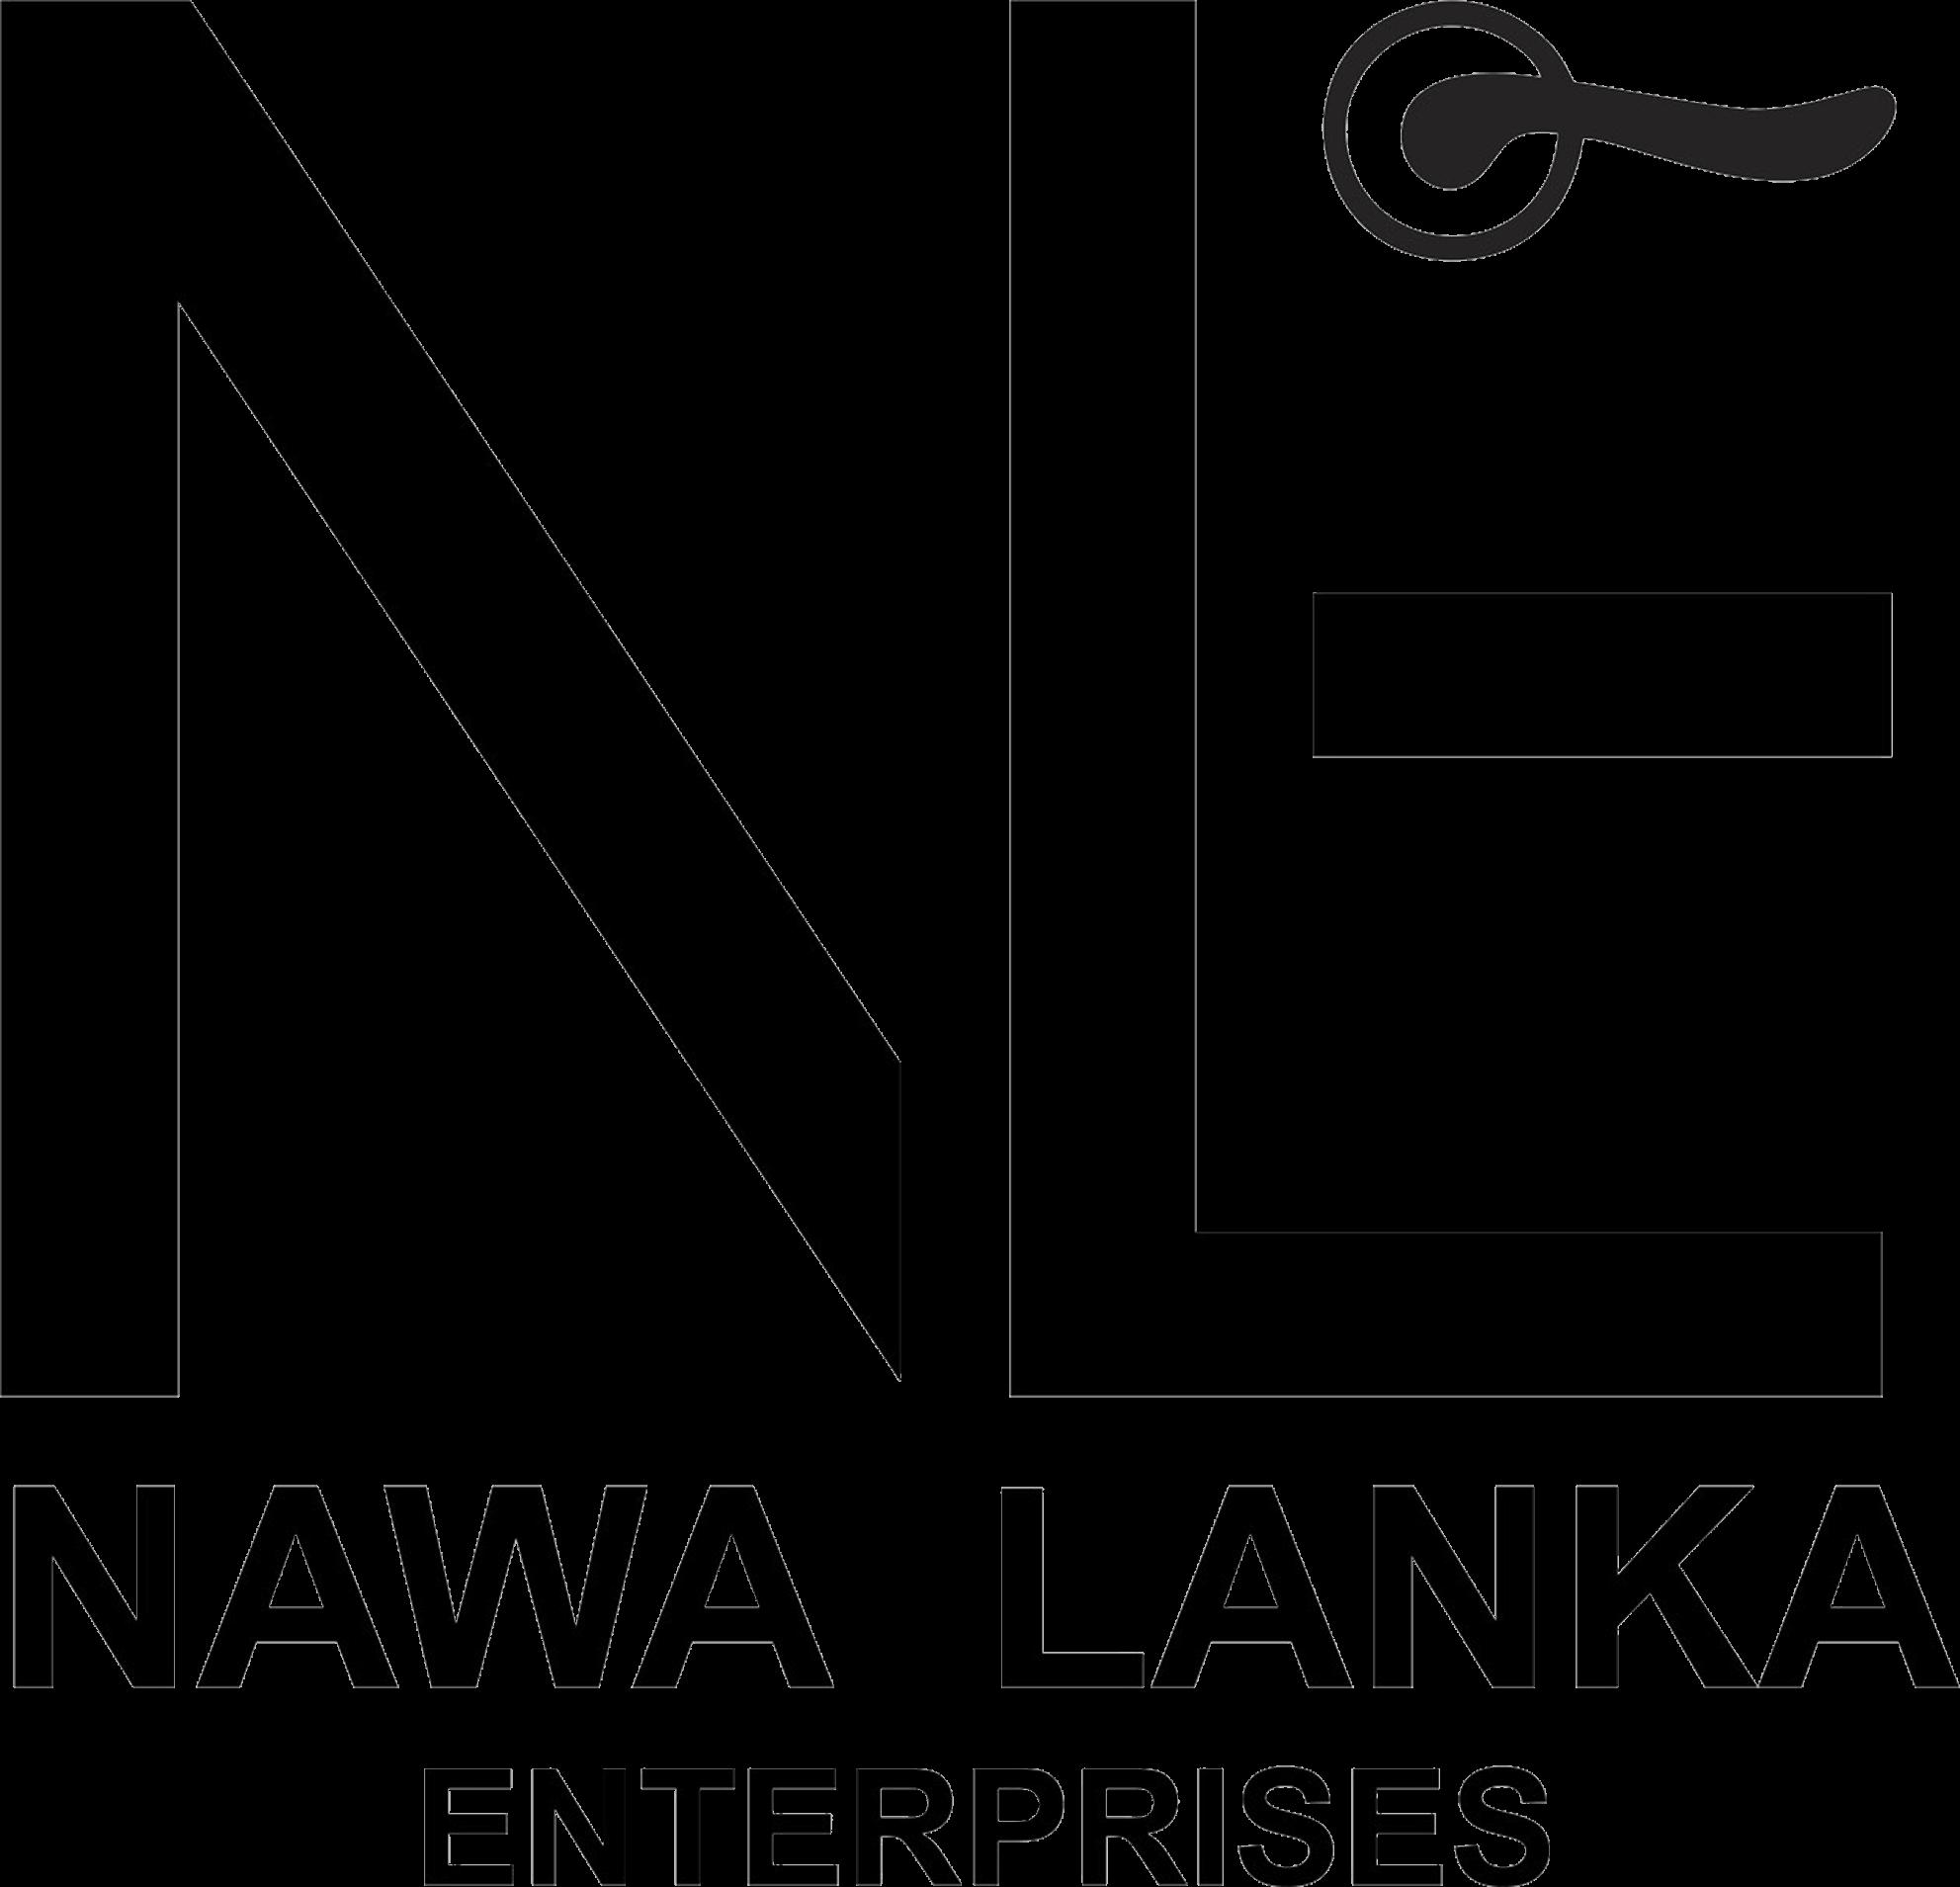 nawalanka-enterprises-logo